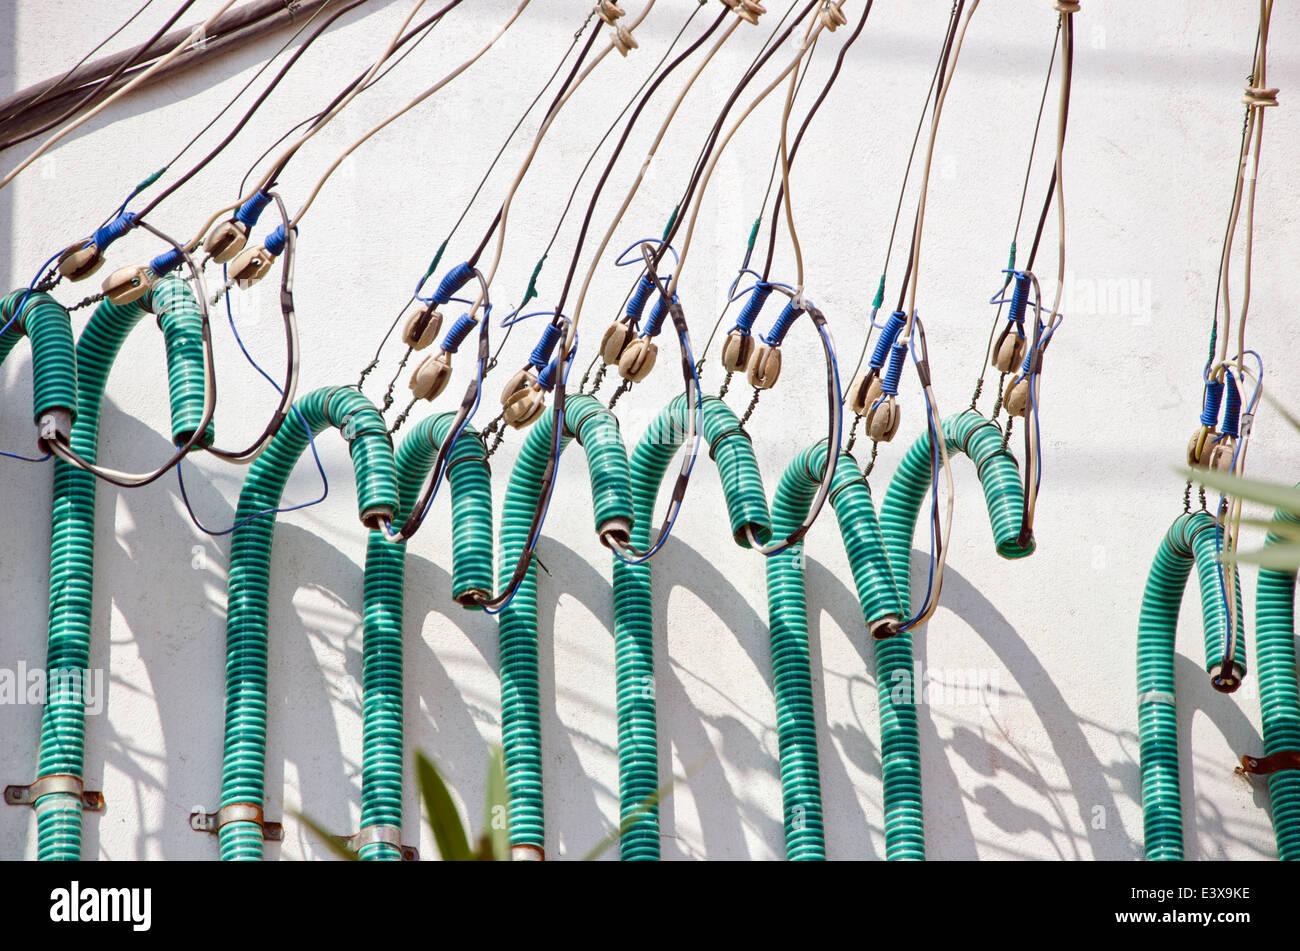 Strom Kabel auf Haus Wand in Asien, Indien Stockbild